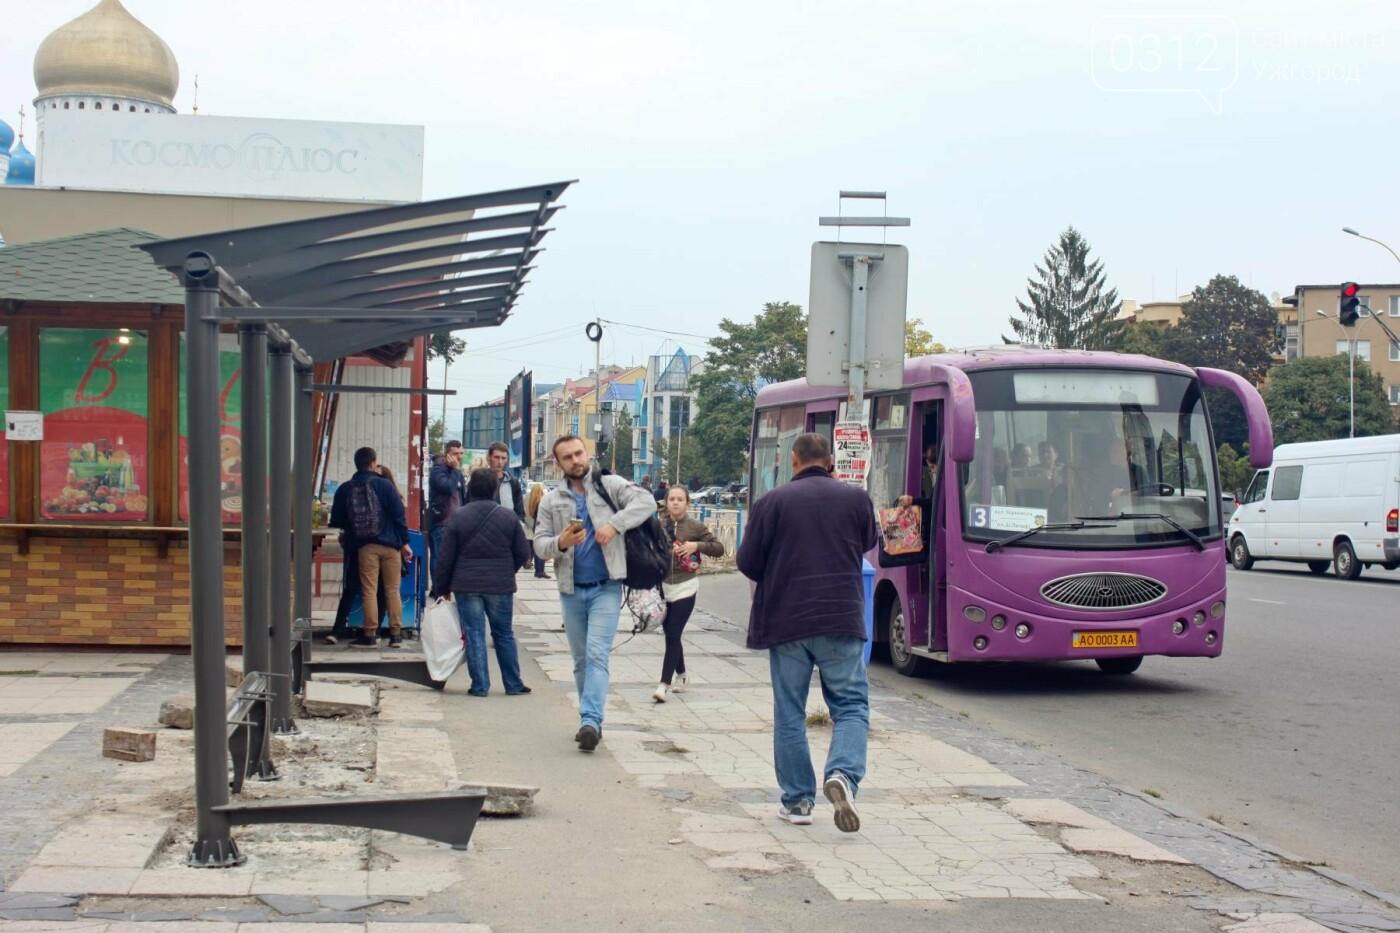 Нові зупинки в Ужгороді будуть до неділі, а вай-фай - за 3 тижні, фото-1